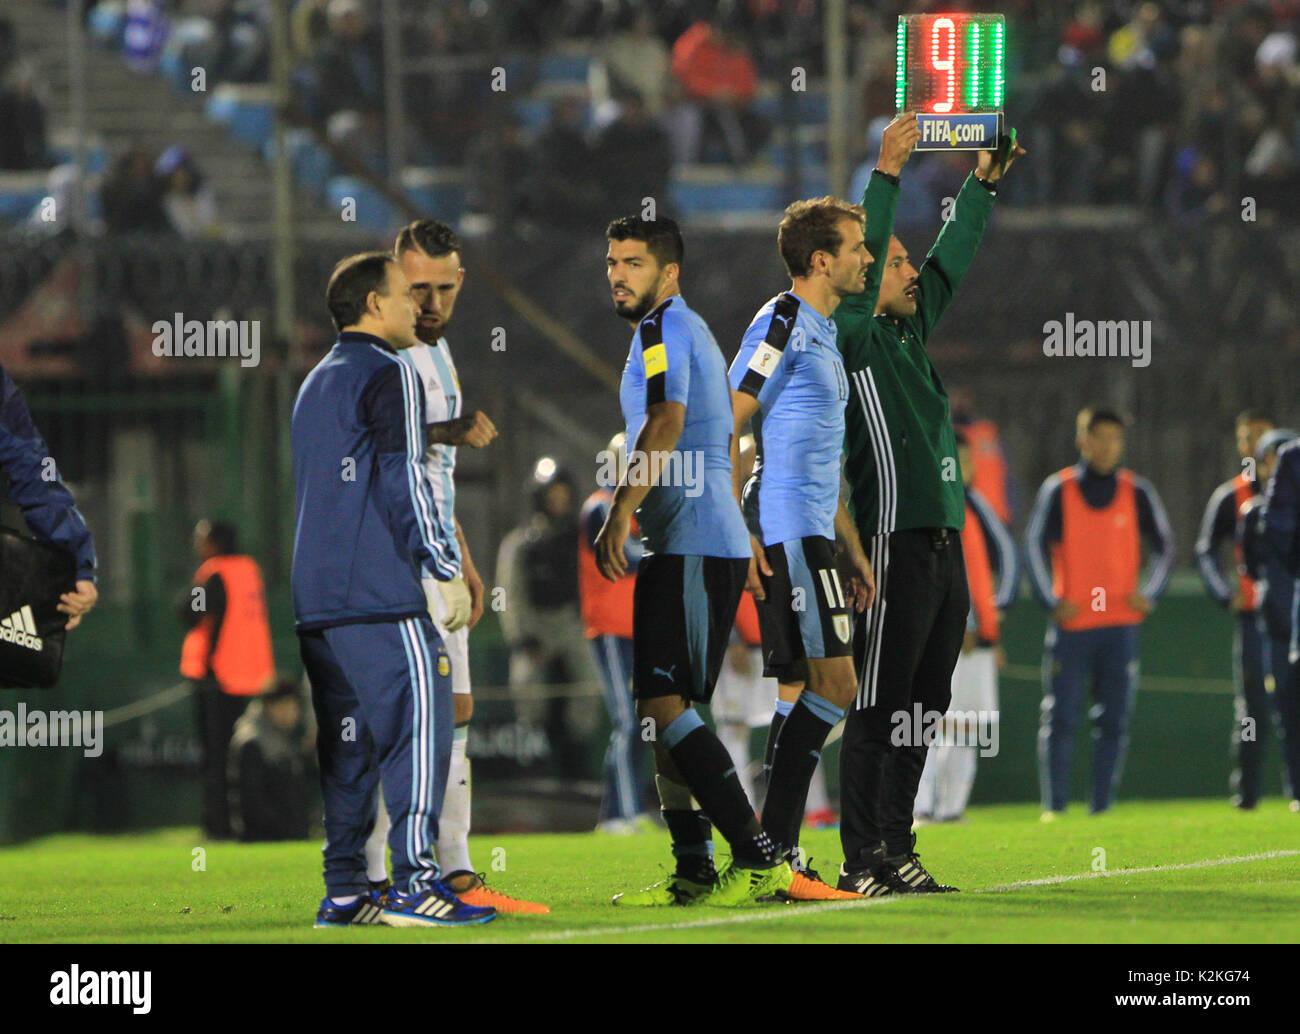 ¿Cuánto mide Christian Stuani? Uruguayo-luis-suarez-c-se-ha-sustituido-por-el-uruguay-christian-stuani-durante-la-copa-del-mundo-de-rusia-2018-conmebol-eliminatorias-entre-uruguay-y-argentina-en-el-estadio-centenario-de-montevideo-uruguay-31-de-agosto-de-2017-eferaul-martinez-k2kg74